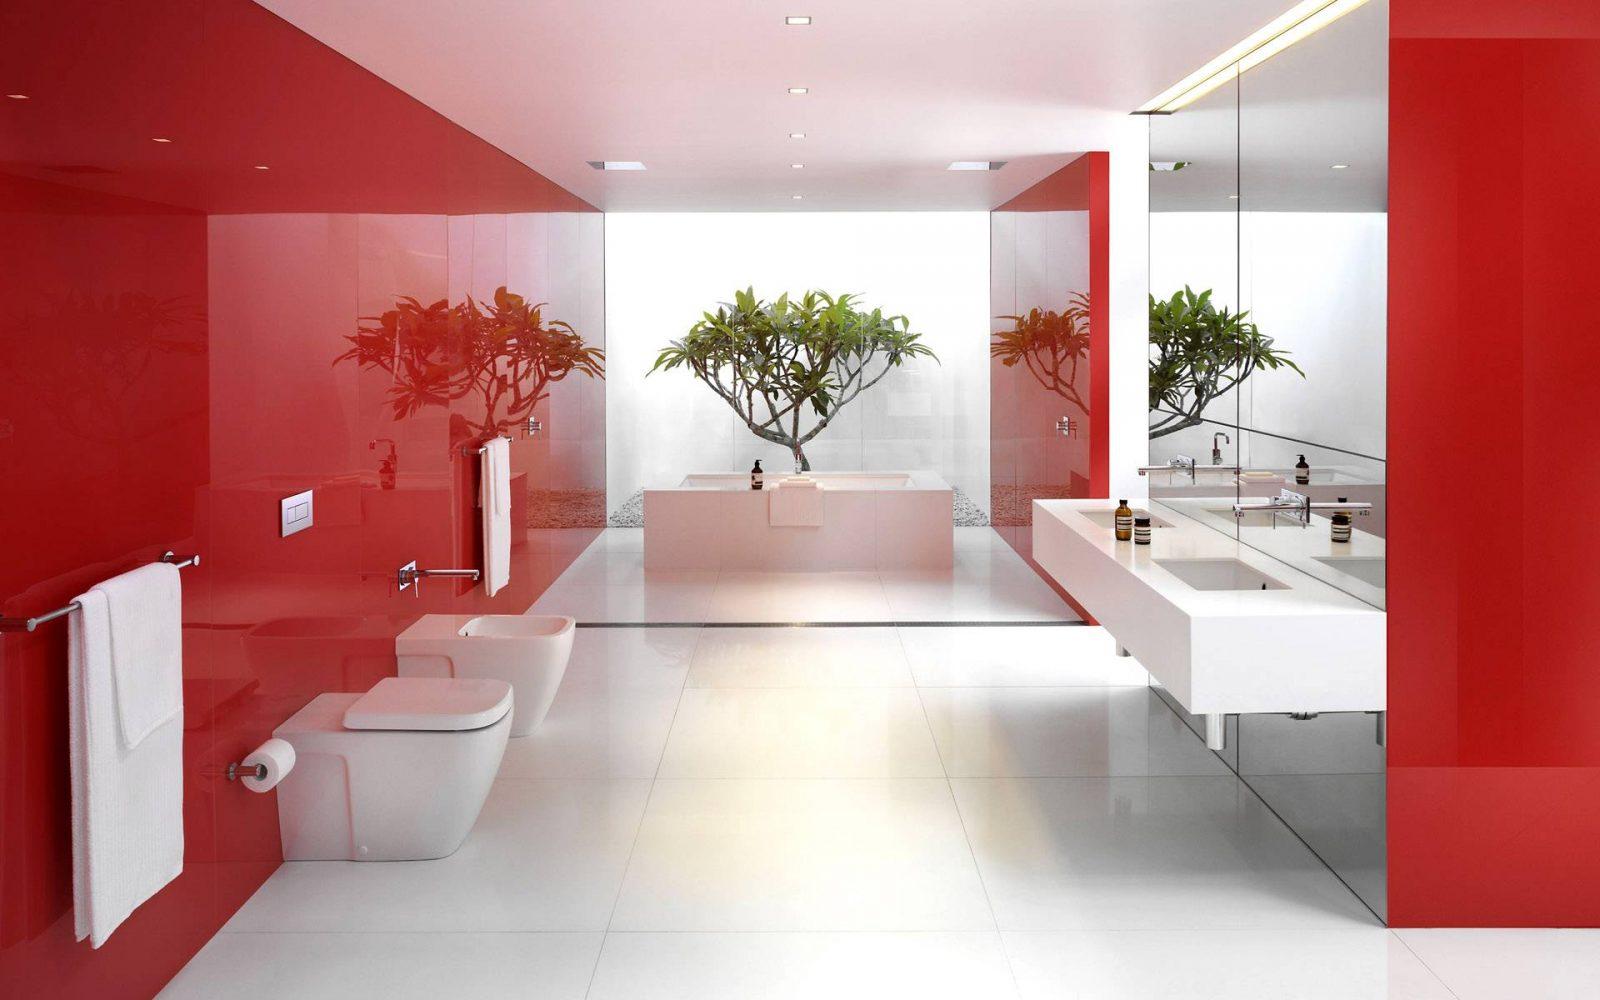 Decoracion actual de moda decoraci n con tonos rojos for Decoracion actual